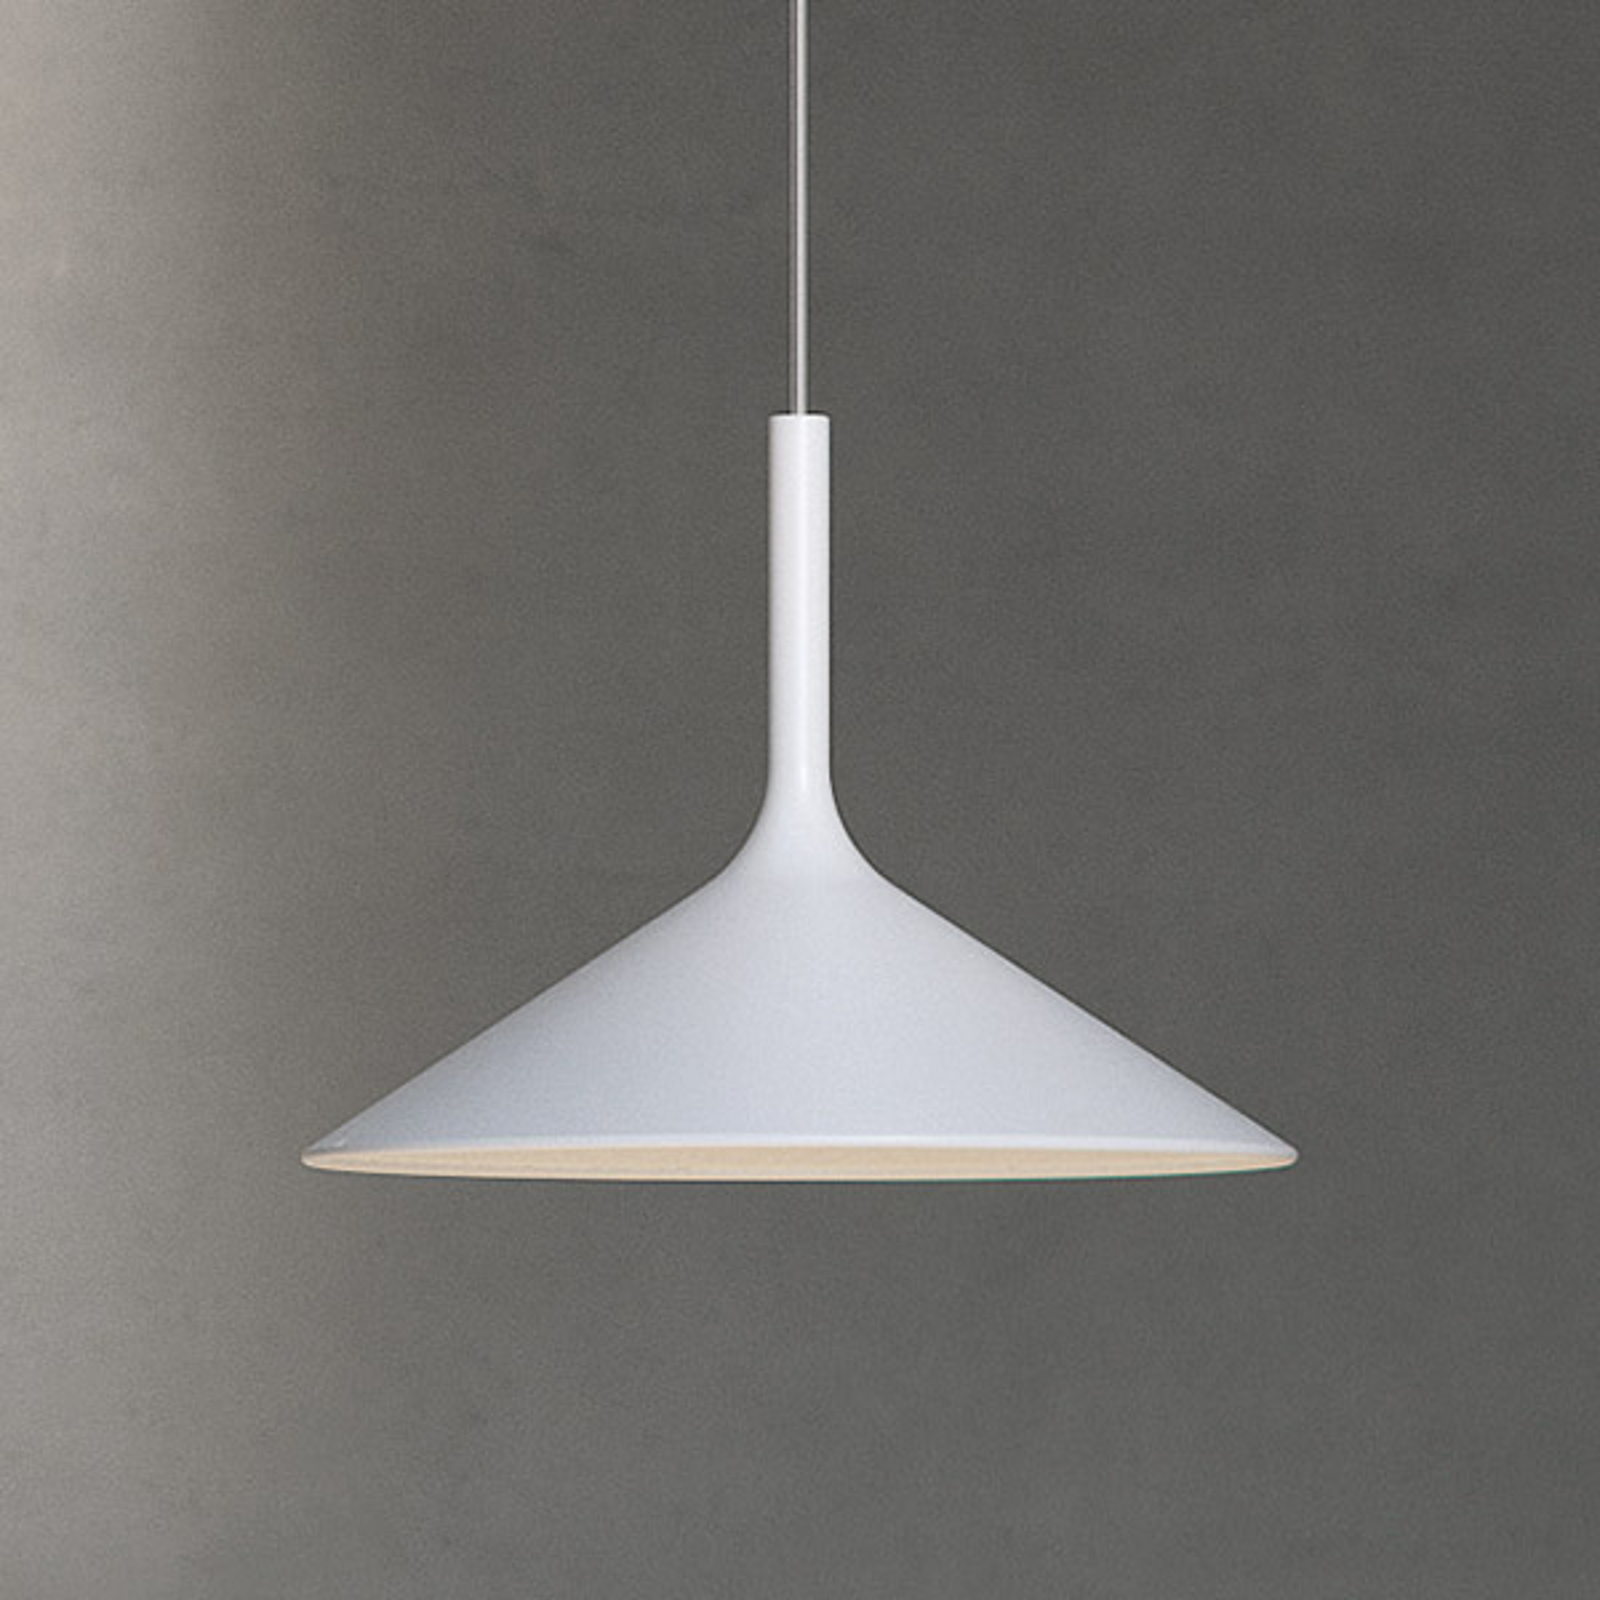 Rotaliana Dry LED-Hängeleuchte, weiß, einflammig